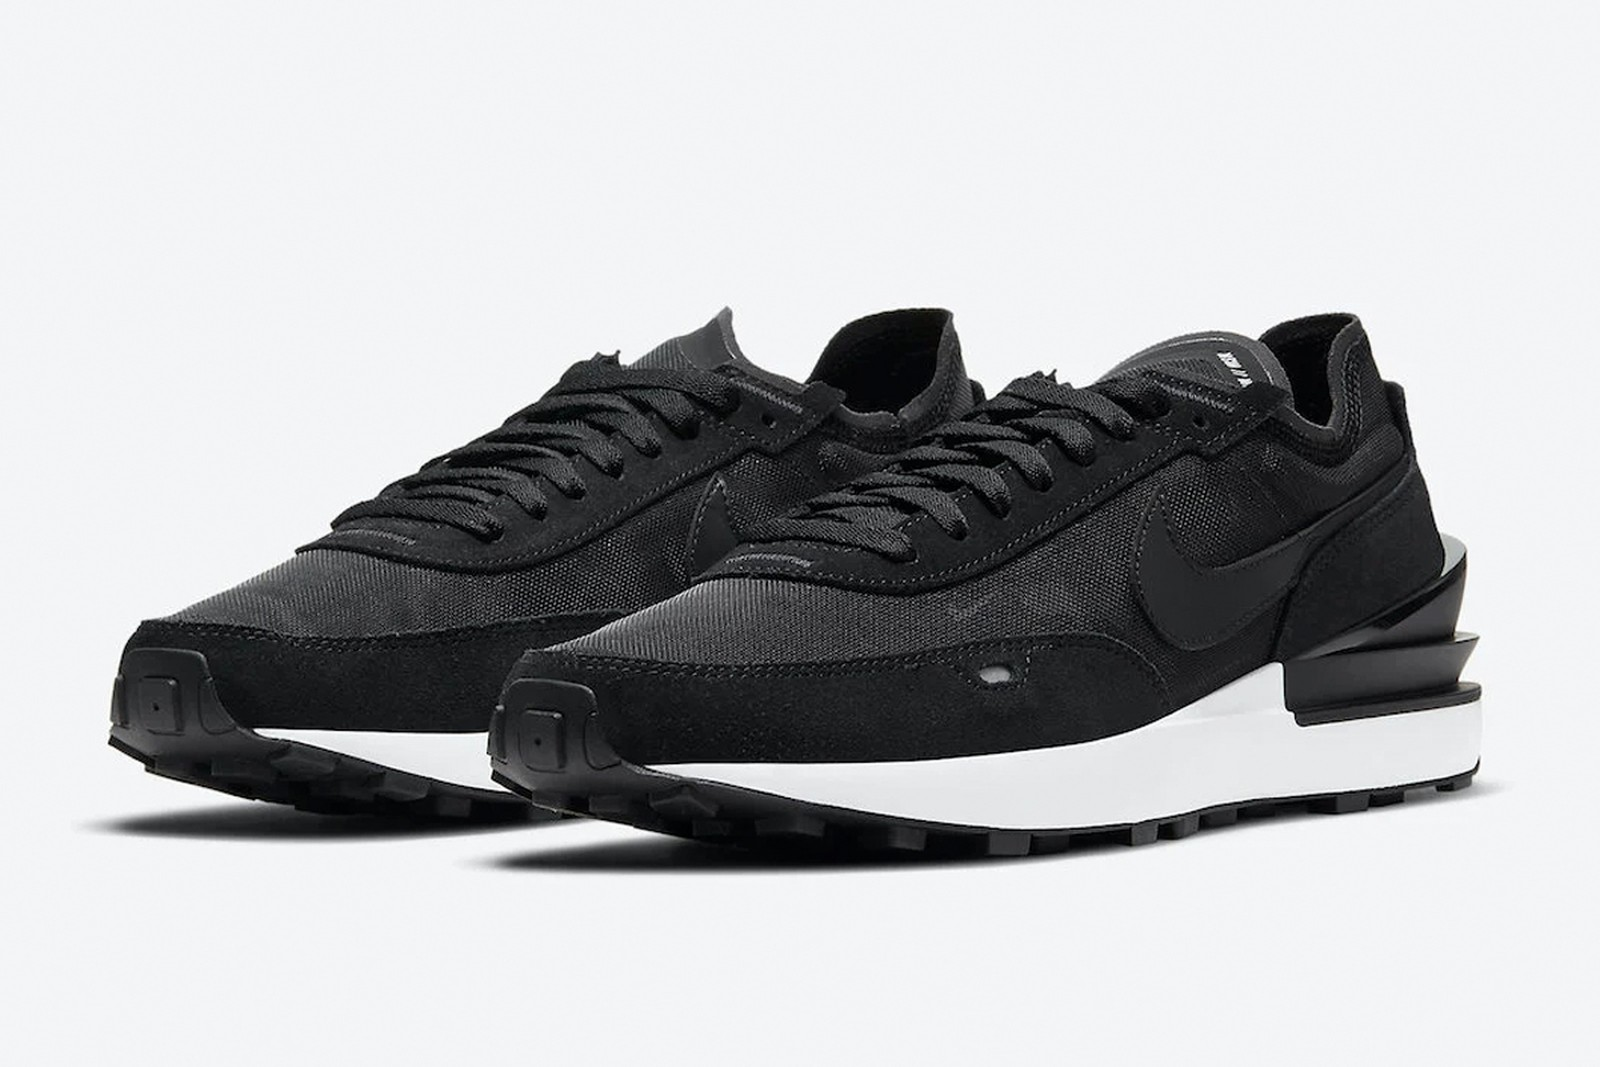 Sepatu Nike Sacai Versi Rakyat Akan Dirilis? Seperti Apa Tampilannya?